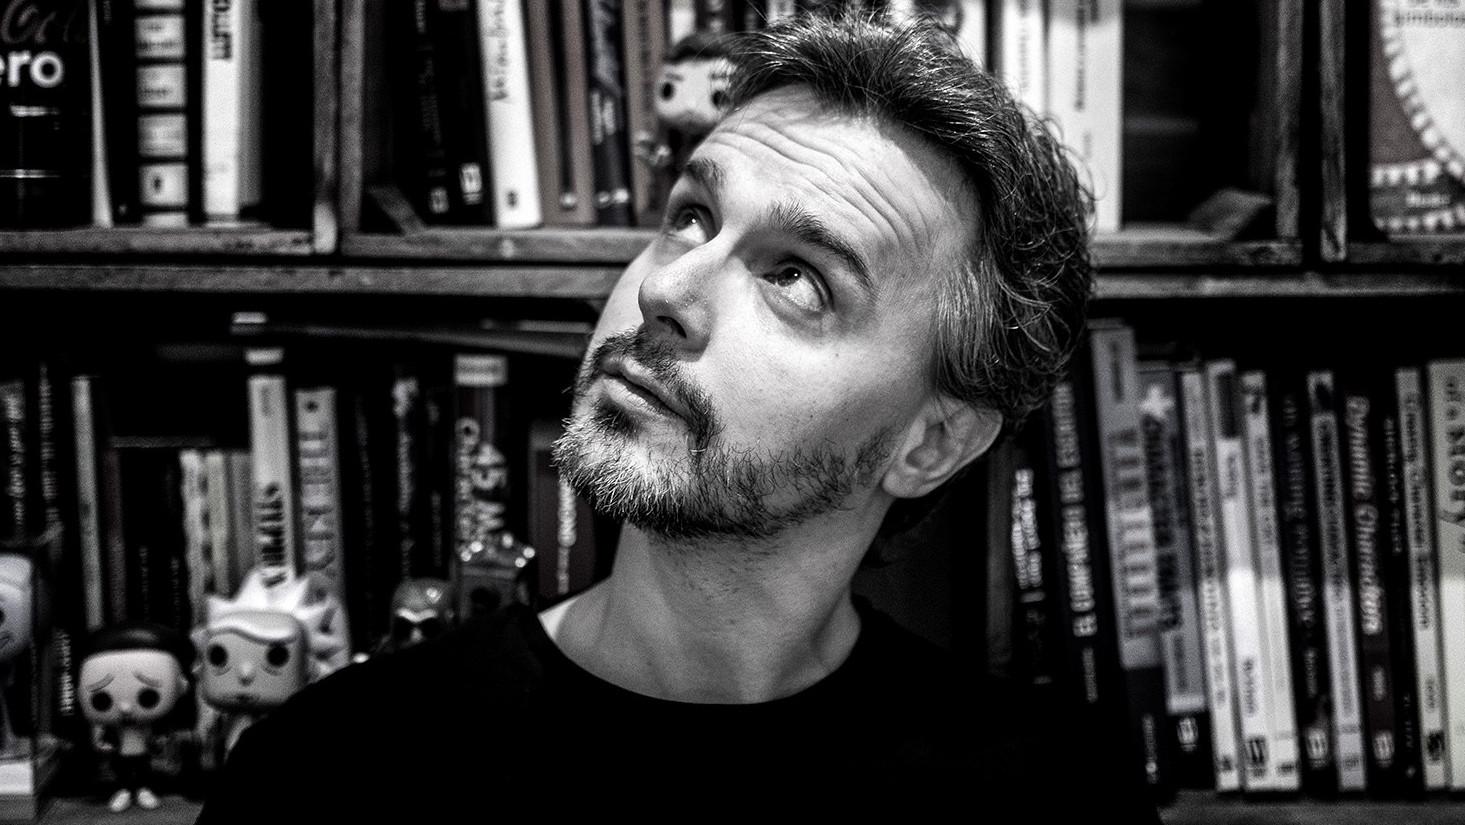 Juan Gómez-Jurado ficha por Amazon Prime Video para crear series y películas originales